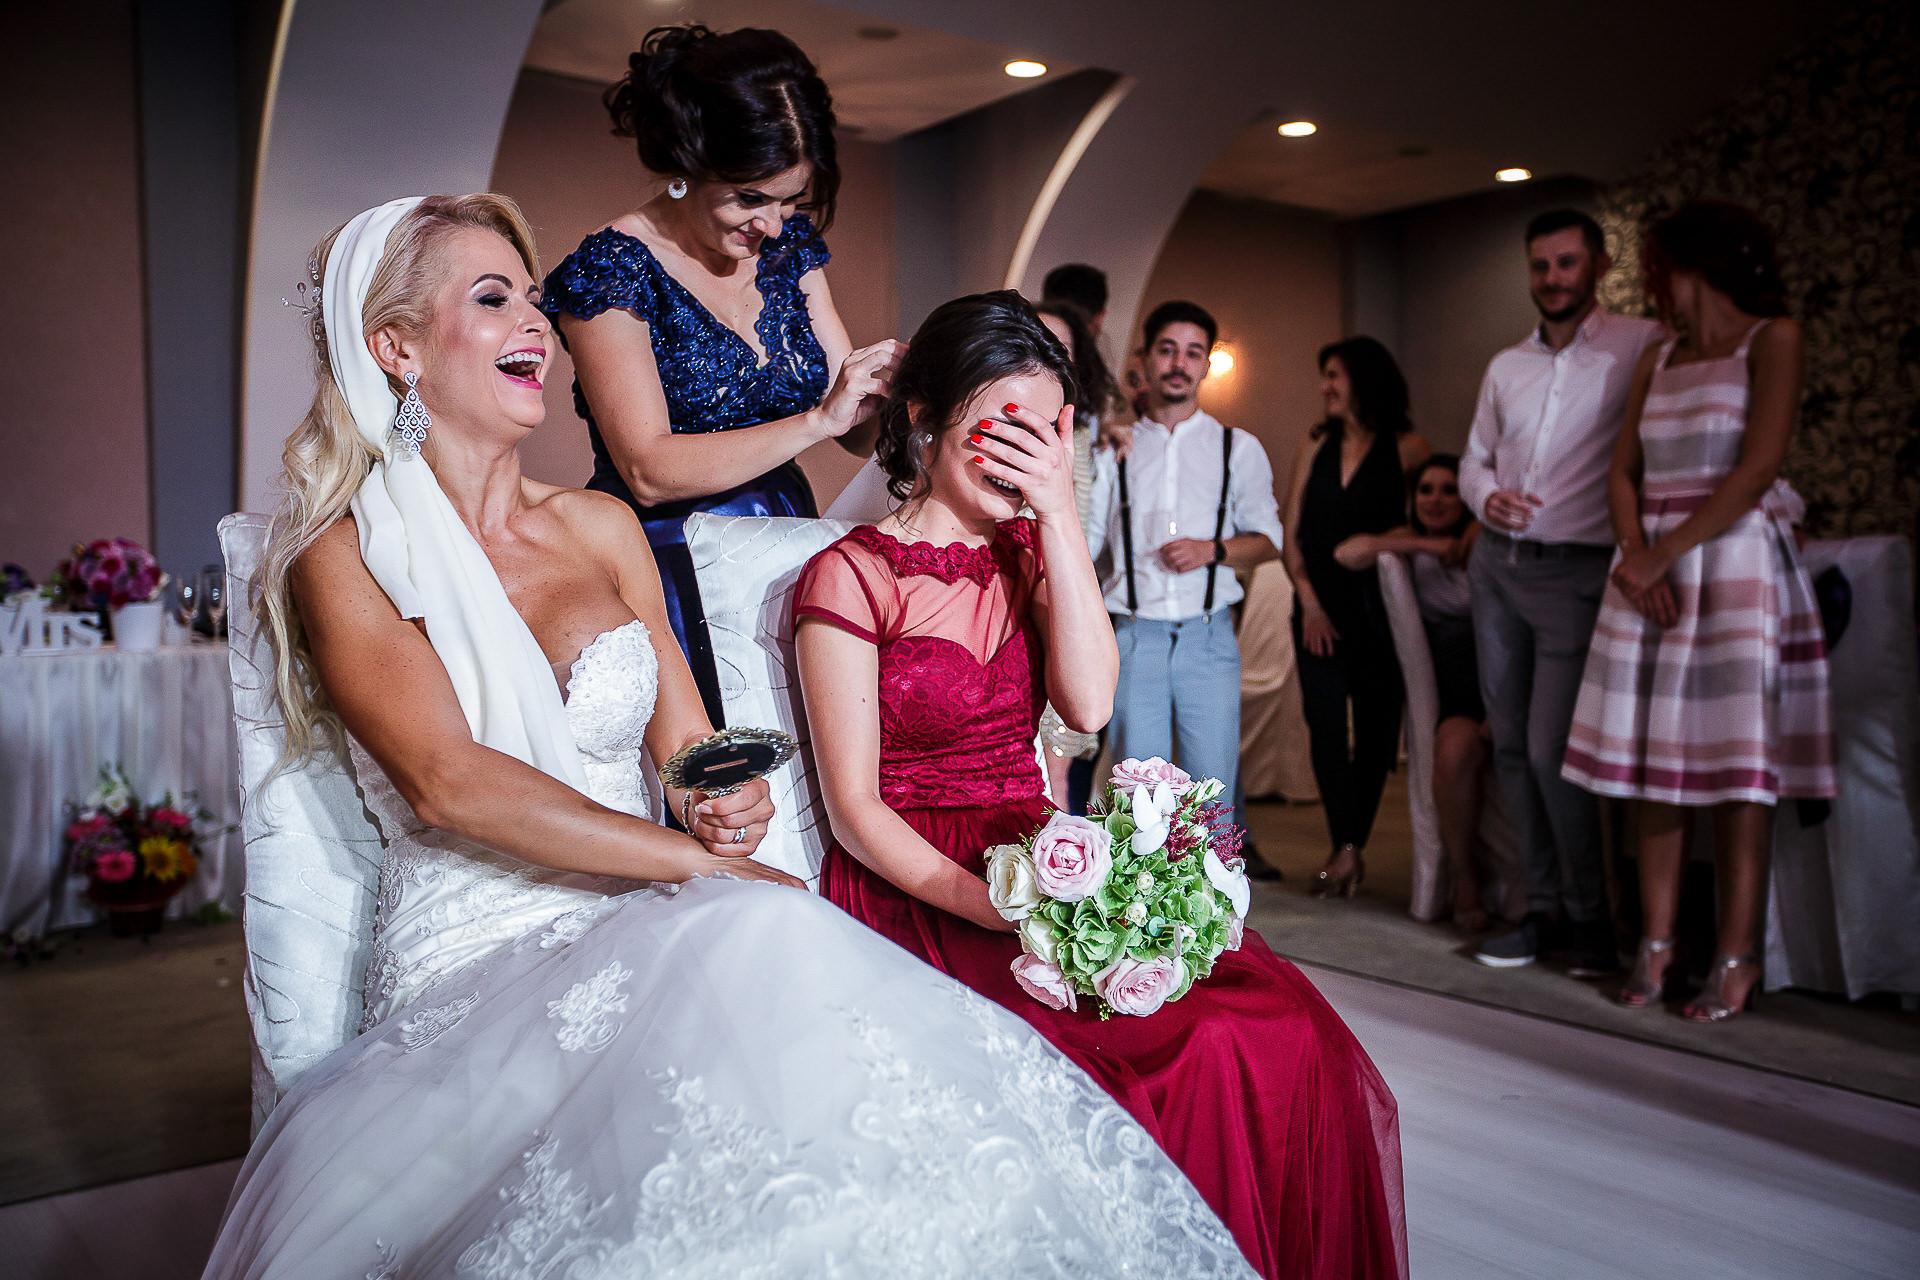 Fotograf nuntă Bucureşti - Biserica Militara Sfântul Mina + Metropolitan Club and Events - Marinela şi Pasquale - Mihai Zaharia Photography - 94